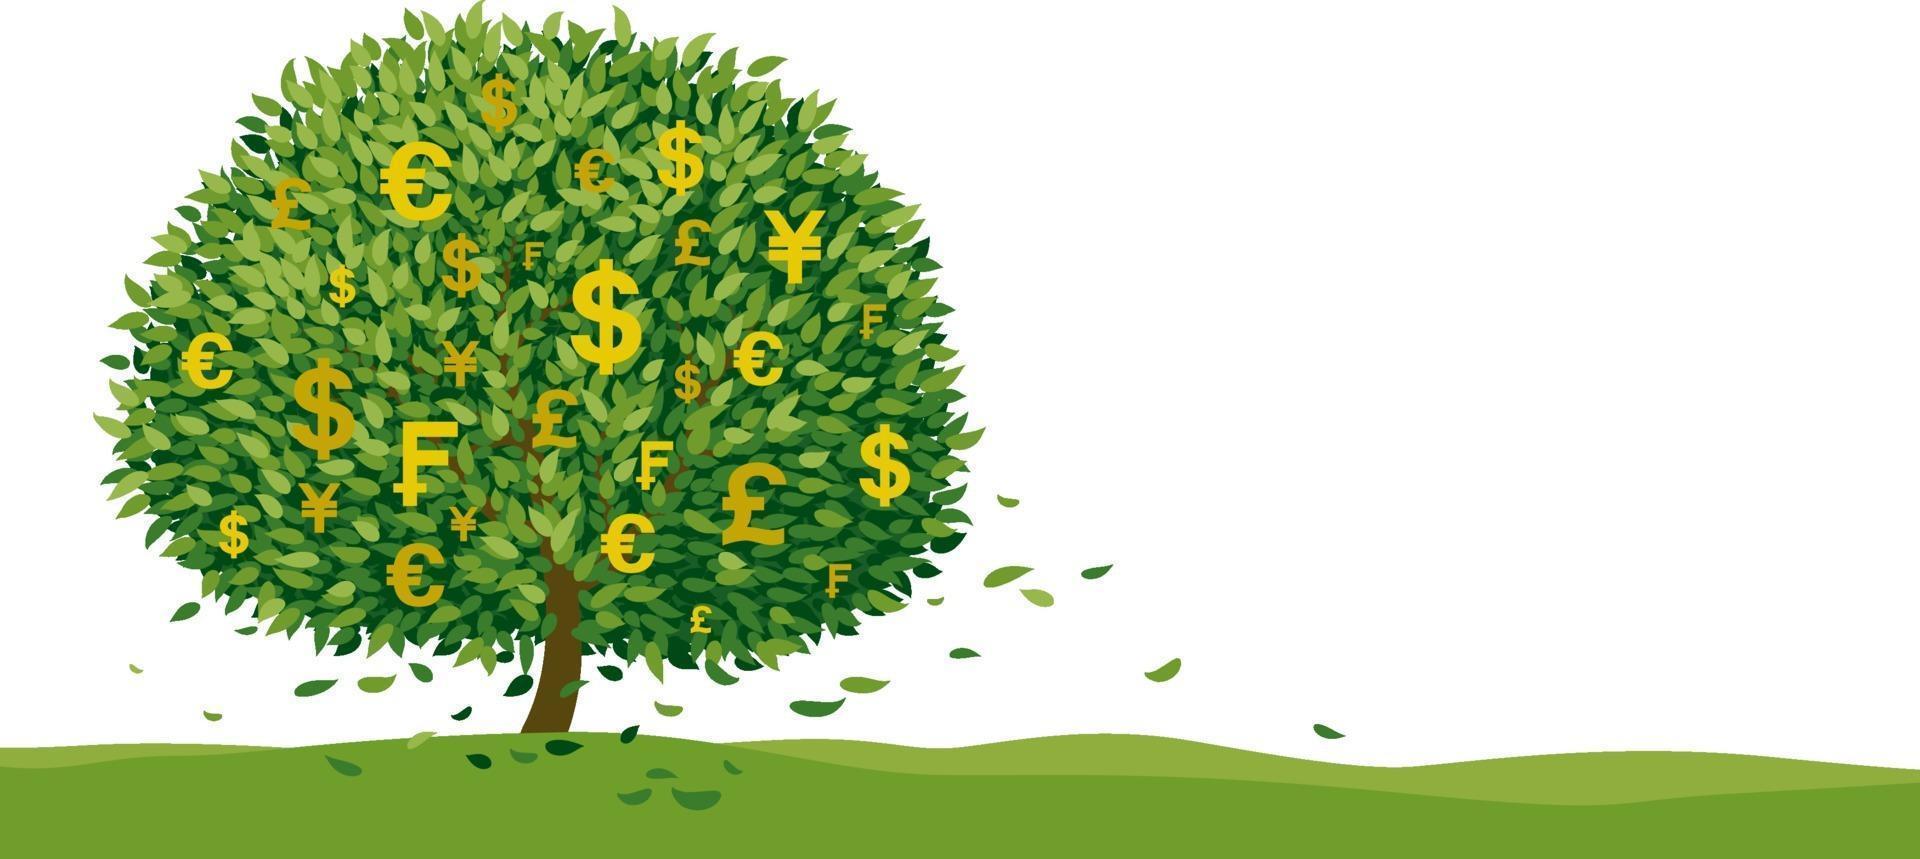 Geldbaumentwurf auf weißem Hintergrund mit Kopienraumvektorillustration vektor